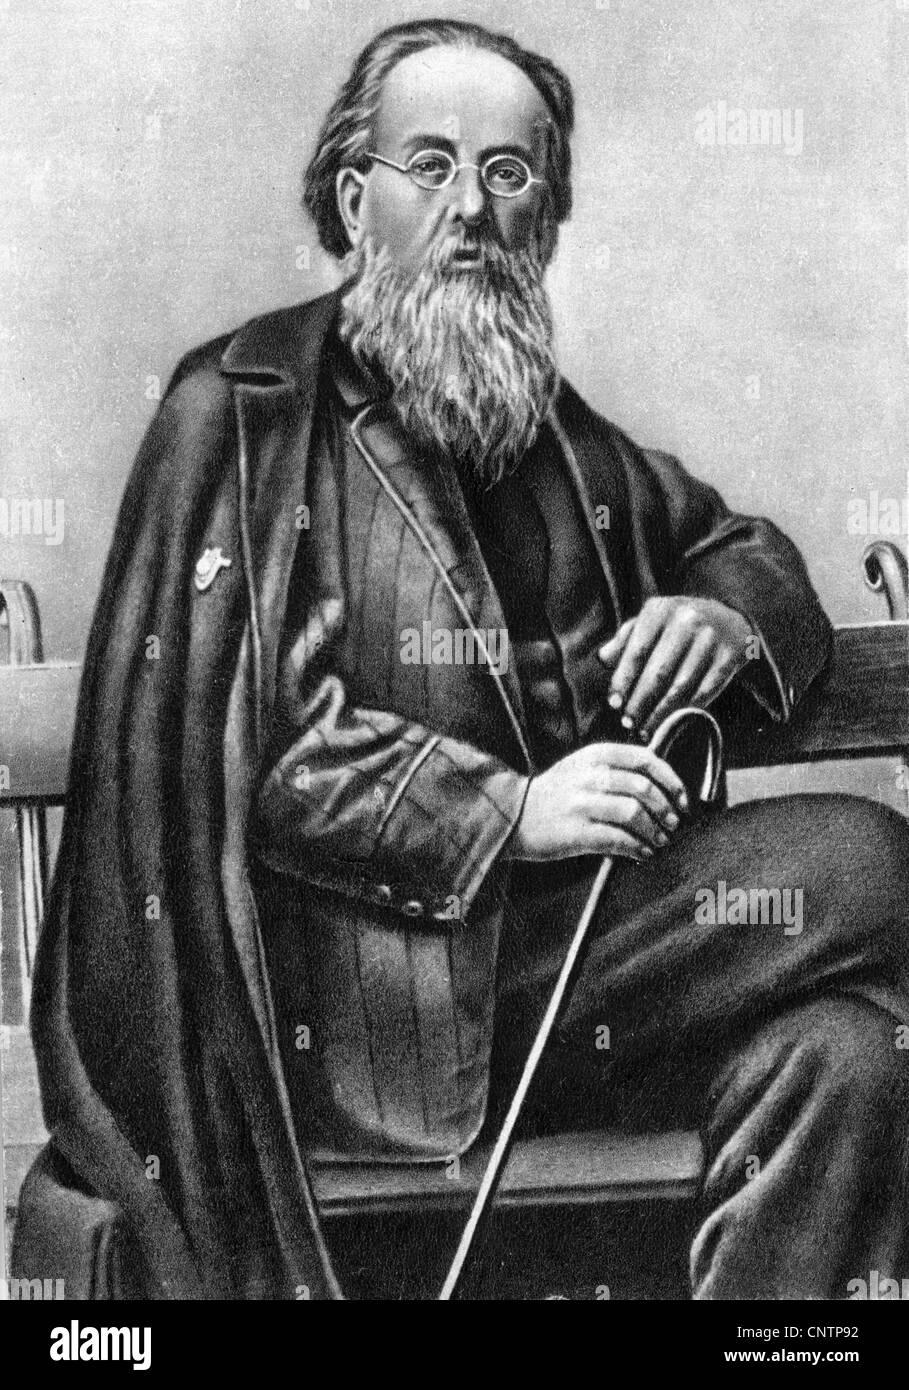 Tsiolkovskii, Konstantin Eduardowitsch, 17.9.1857 - 19.9.1935, russischer Physiker, Mathematiker, halbe Länge, Additional Stockfoto